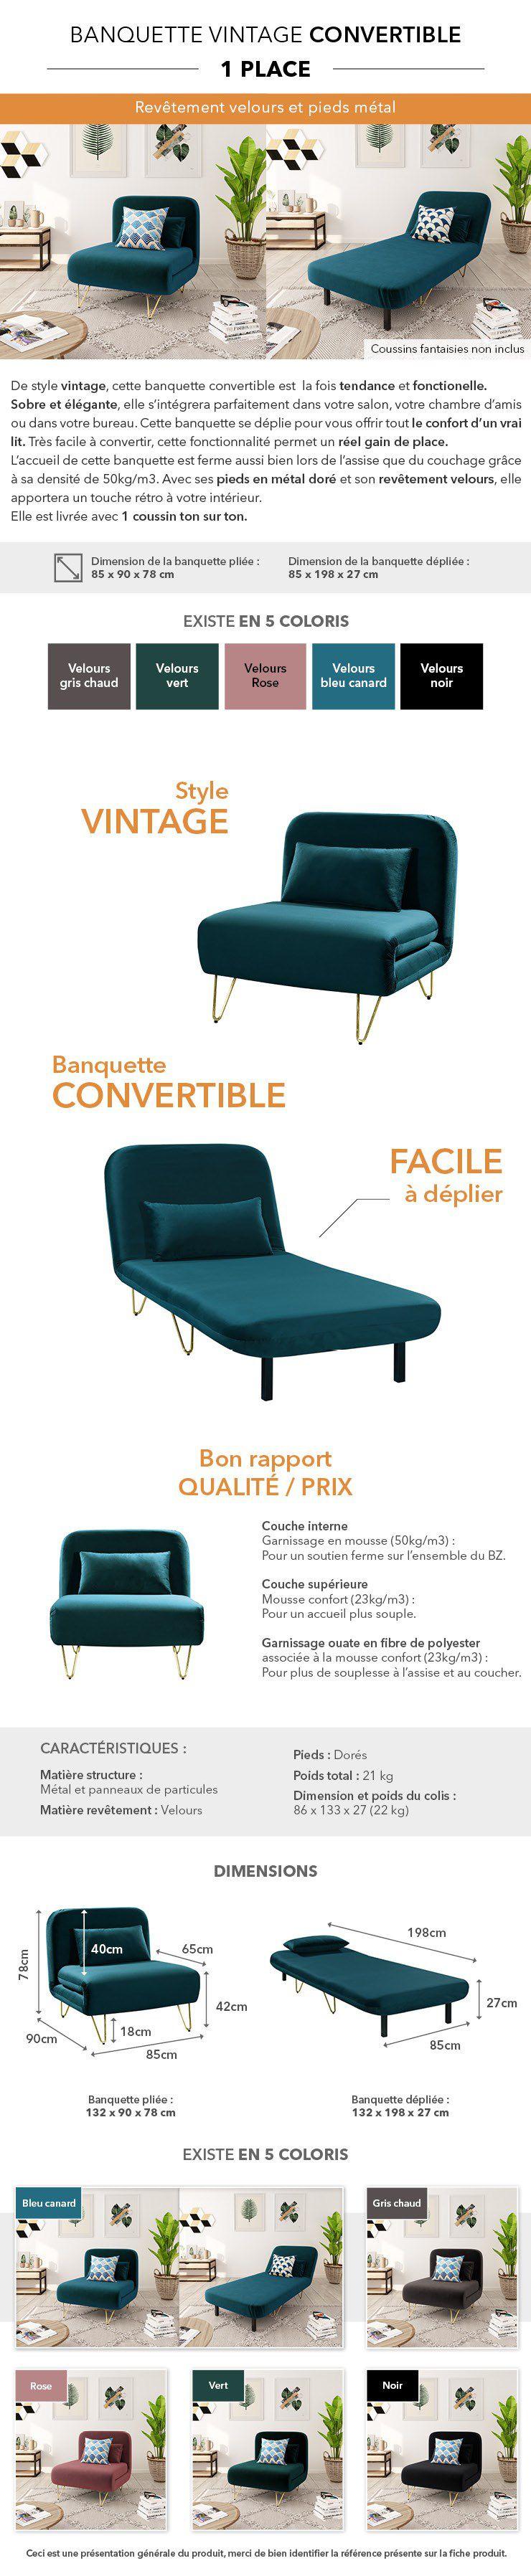 bedz banquette bz 1 place - velours bleu canard - vintage - l 85 x p